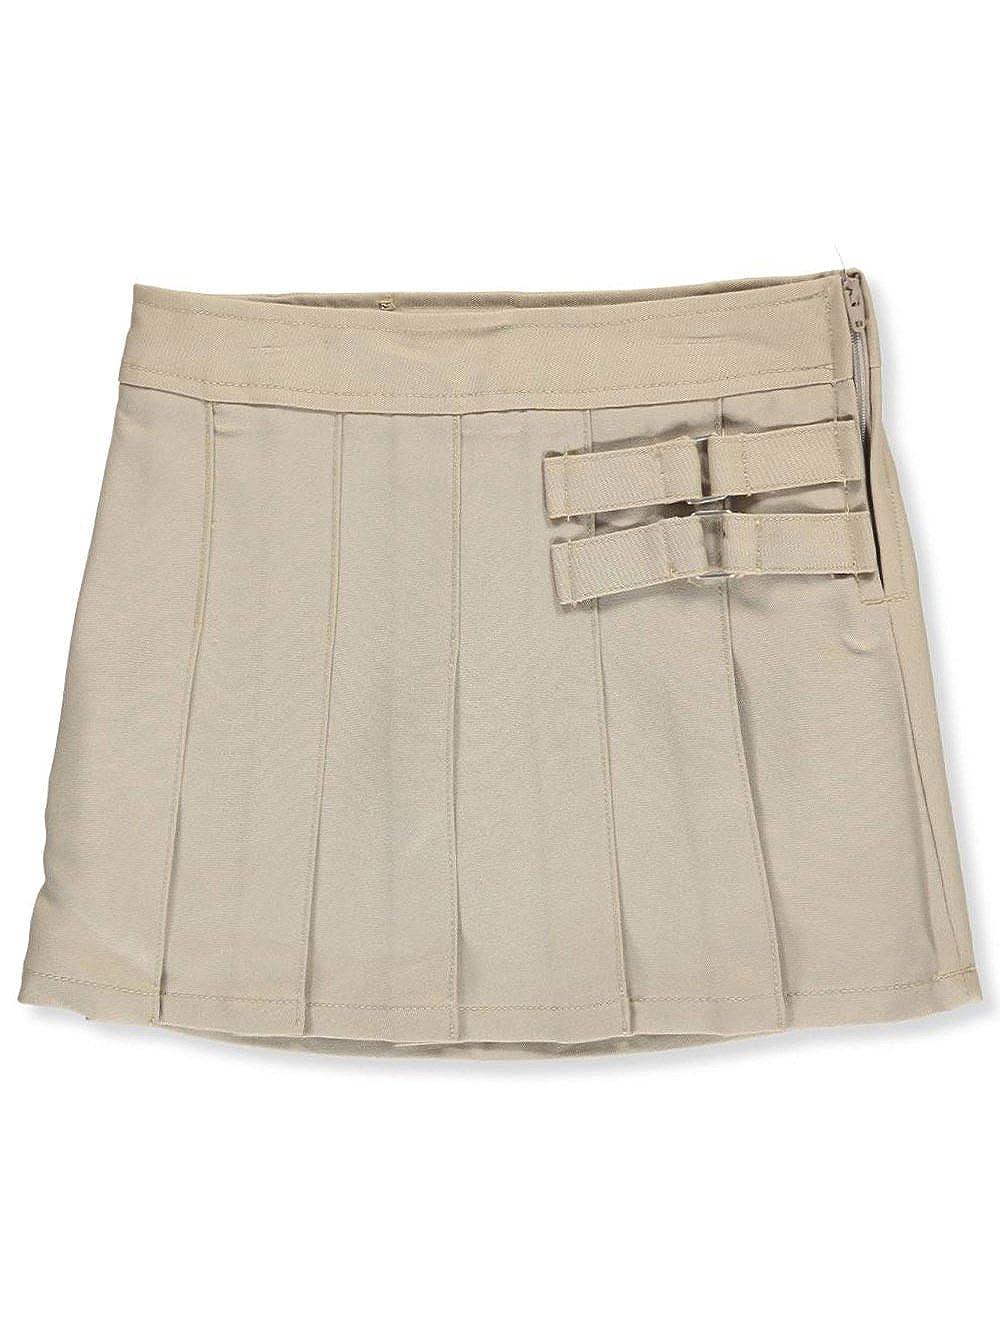 French Toast Little Girls' Toddler Scooter Skirt - Khaki, 4t